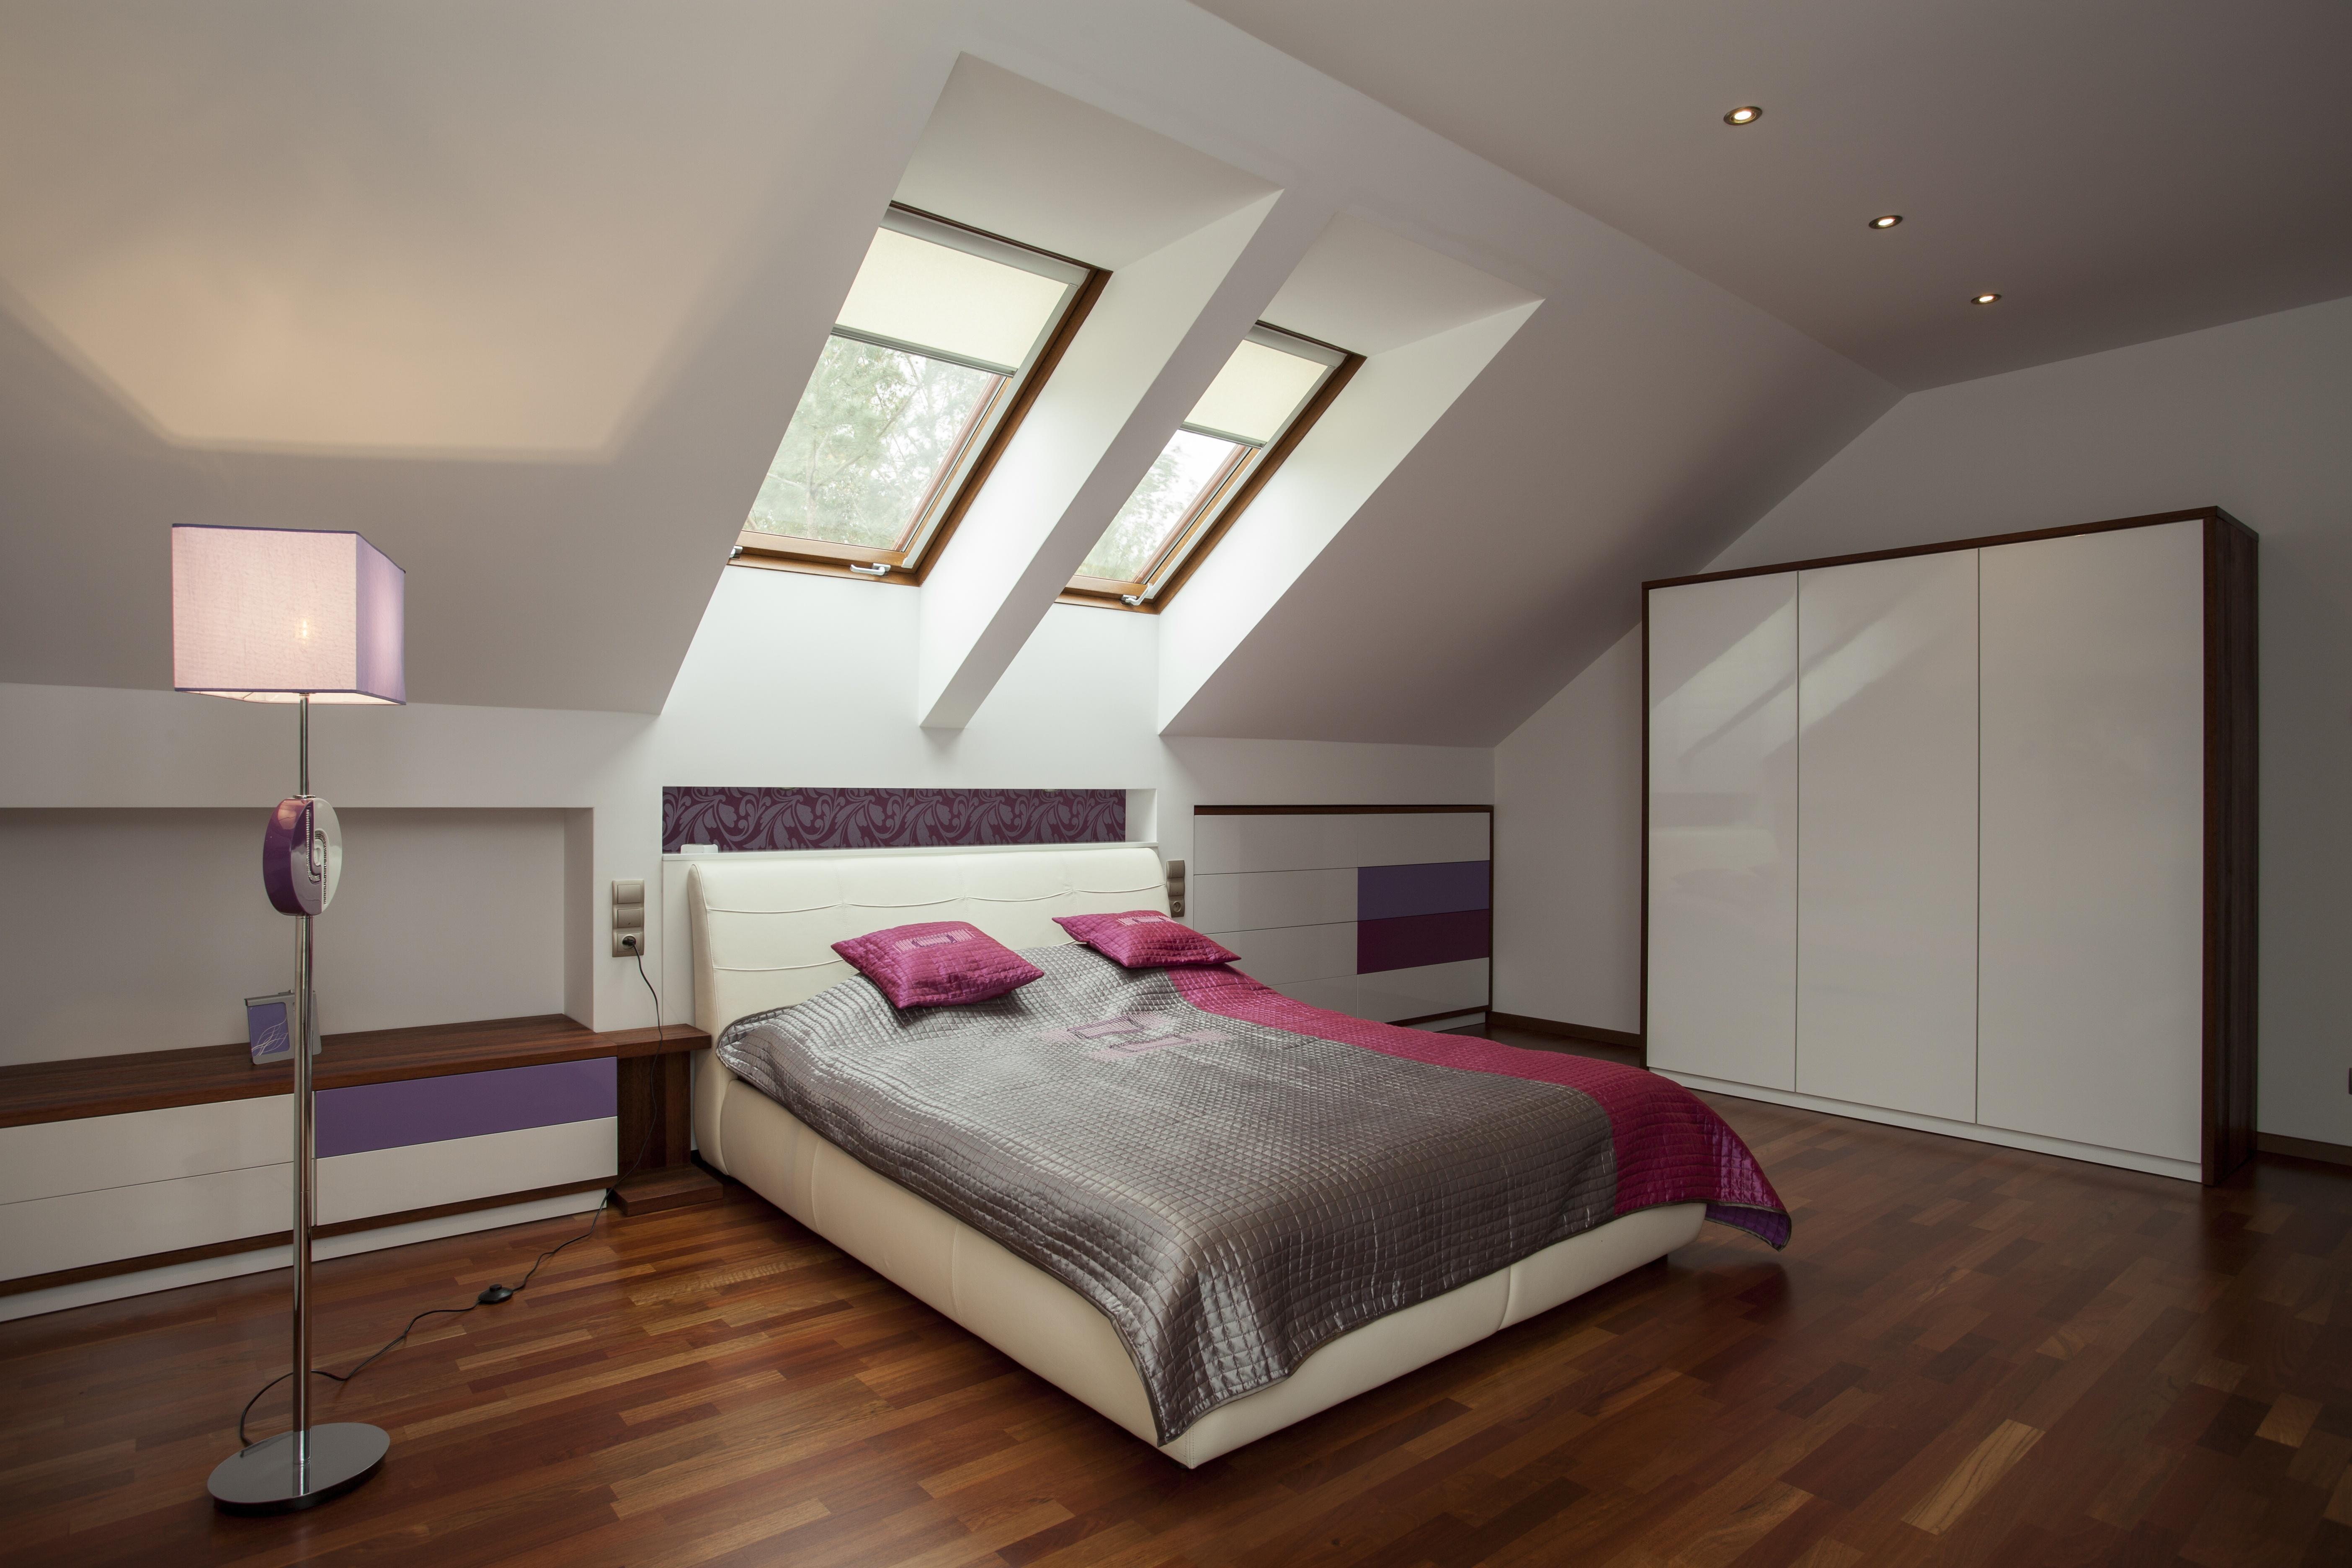 iluminación-en-dormitorios.jpg